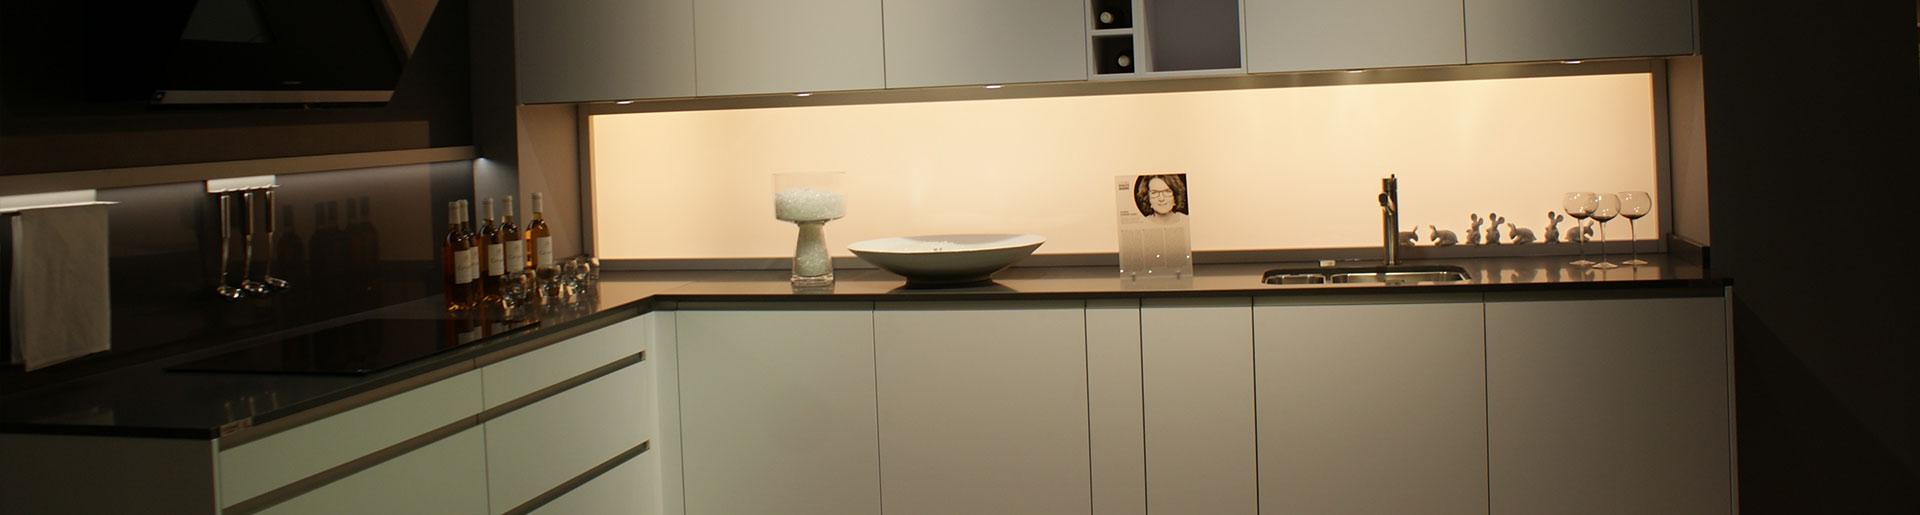 Beige Küche im Küchenstudio Cottbus